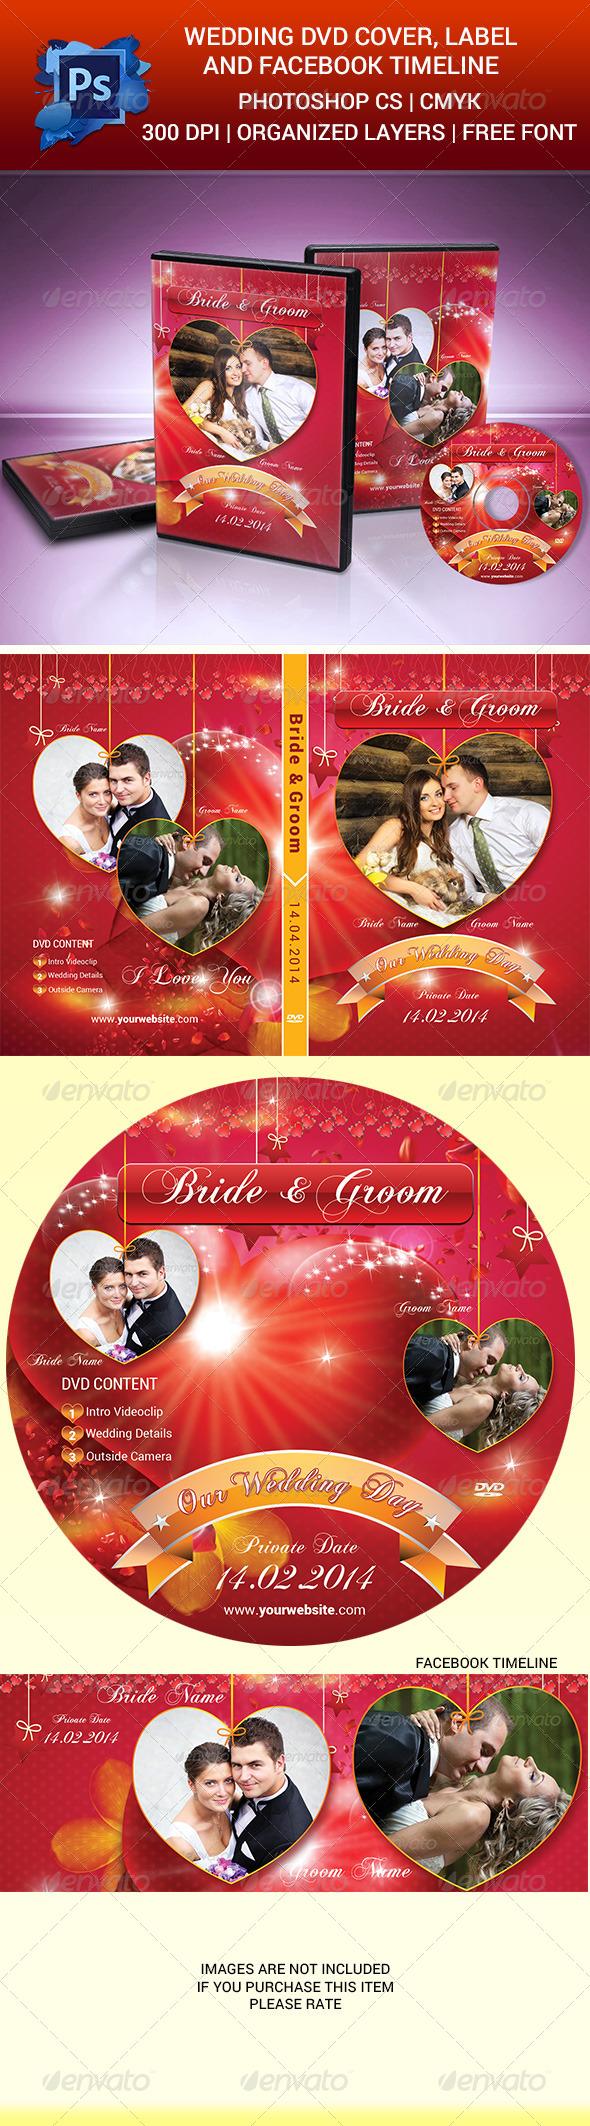 GraphicRiver Wedding DVD Cover Label & Facebook Timeline 6513007